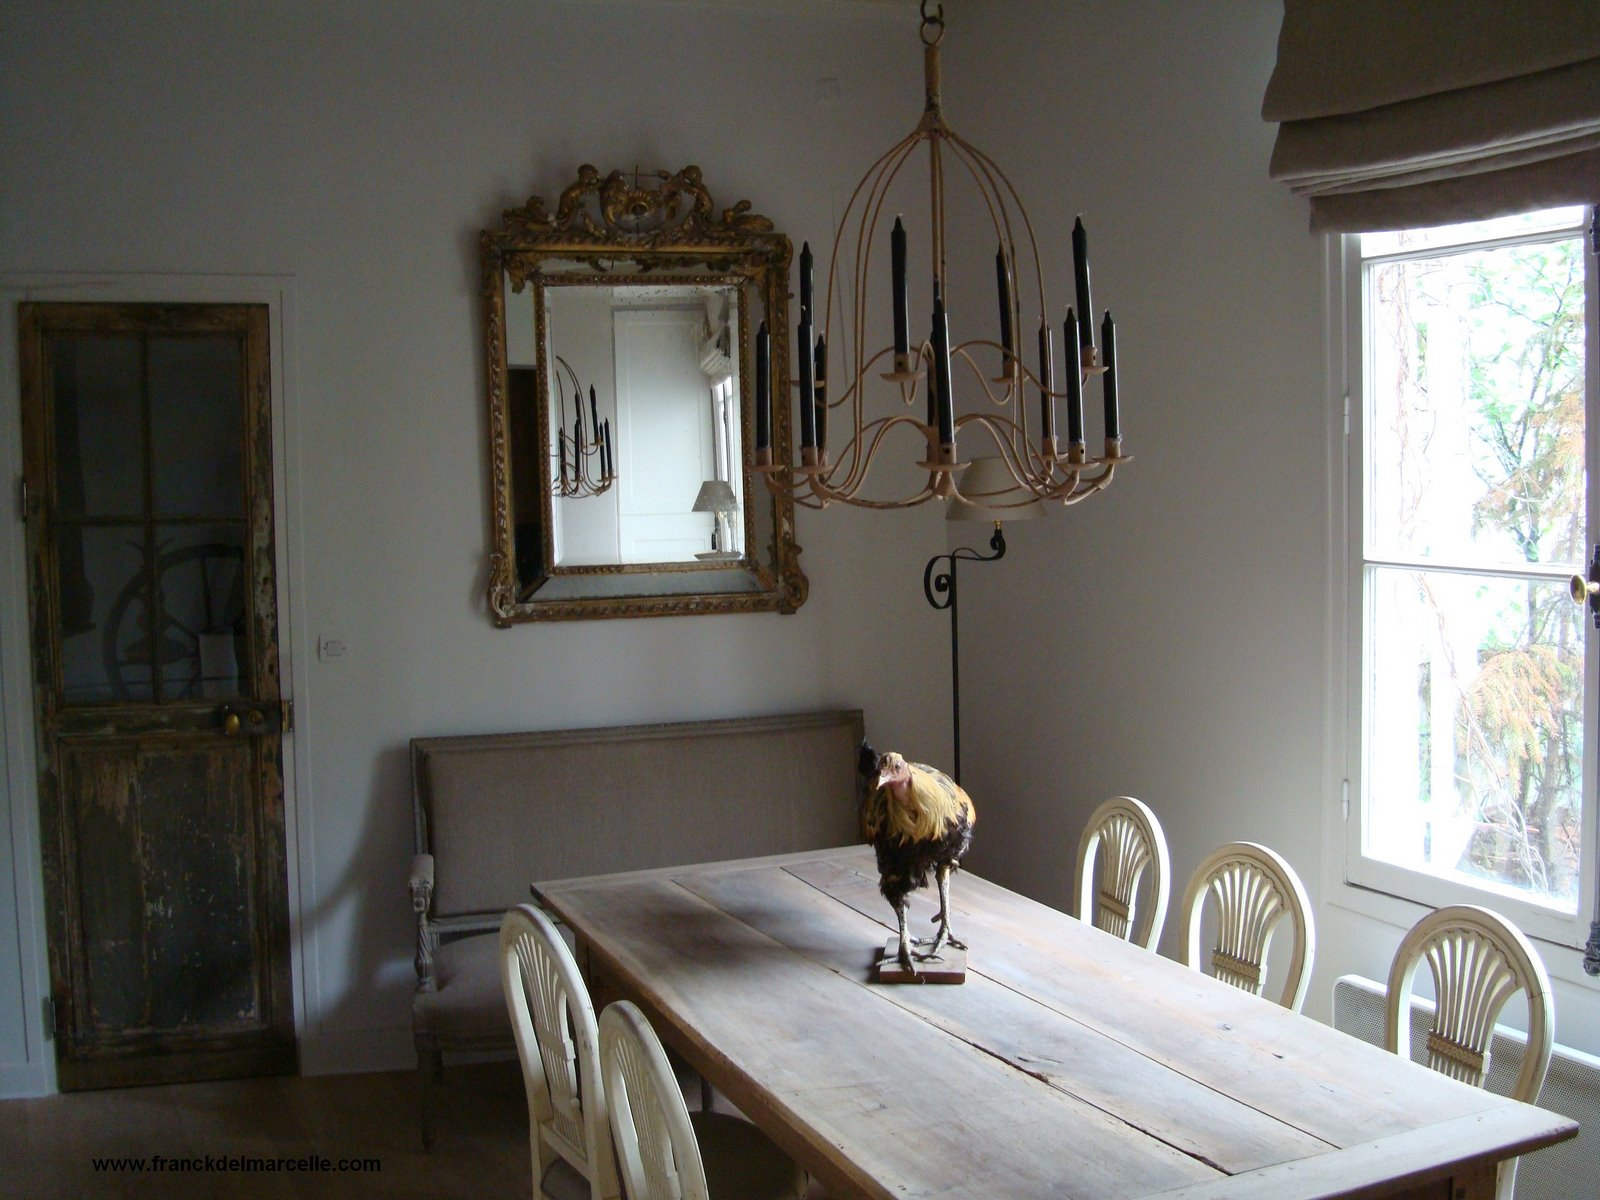 d corateur paris franck delmarcelle. Black Bedroom Furniture Sets. Home Design Ideas